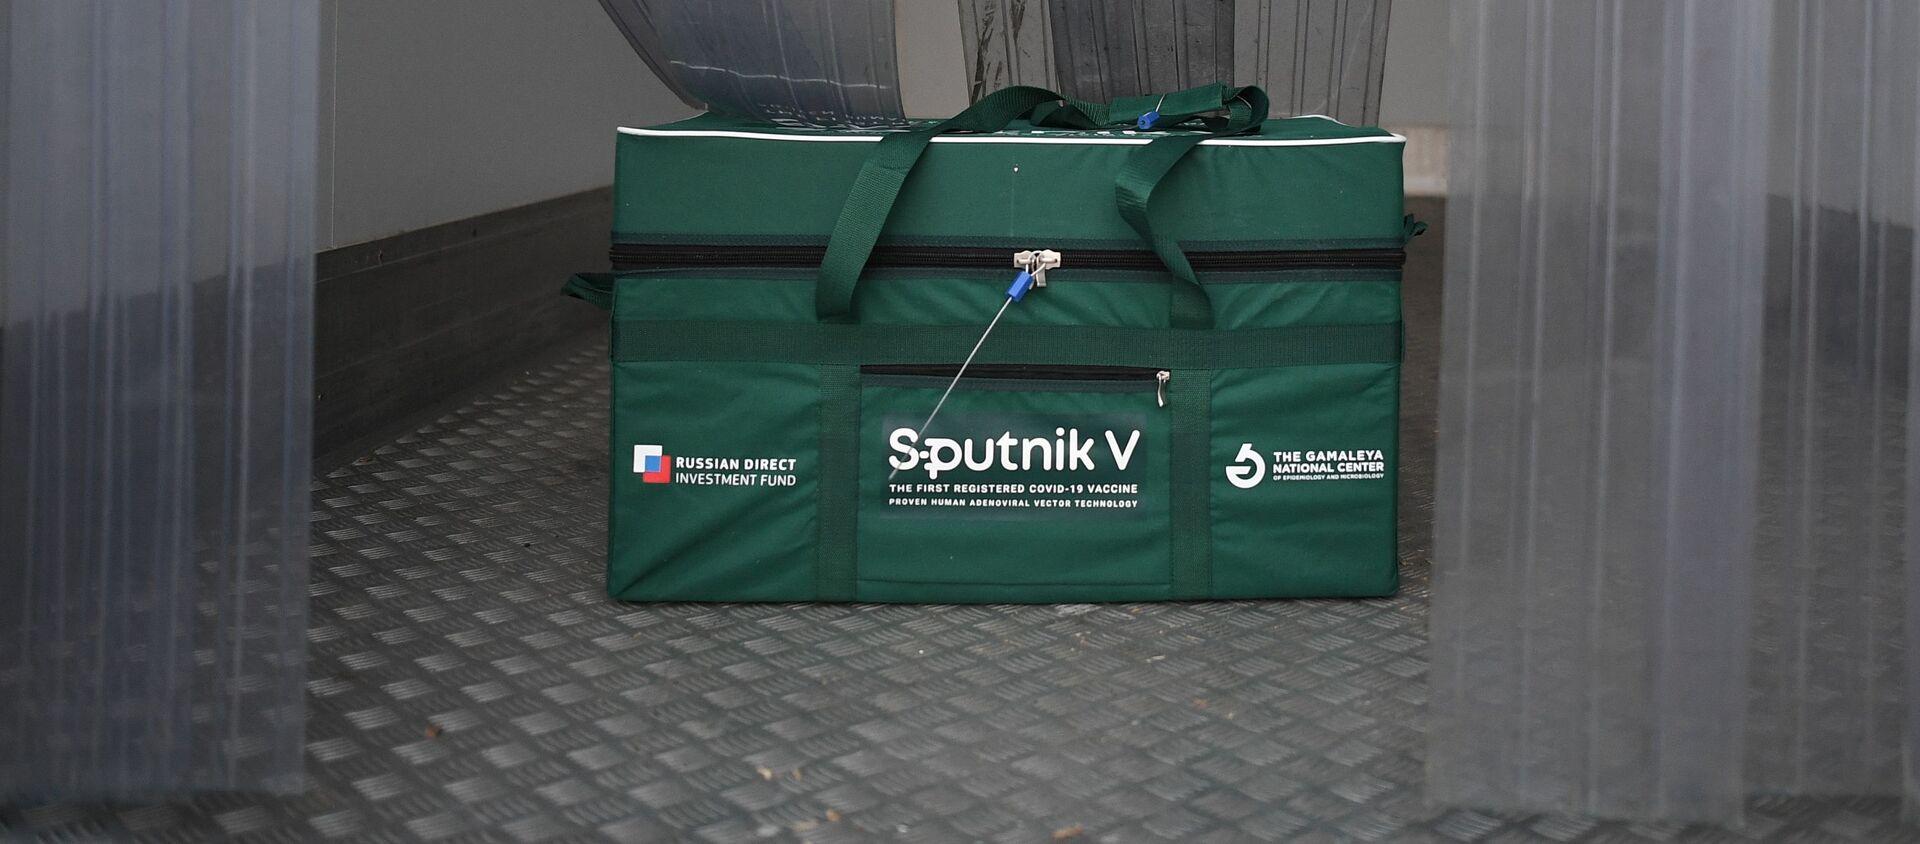 Gửi vắc xin Sputnik V ra nước ngoài. - Sputnik Việt Nam, 1920, 03.12.2020